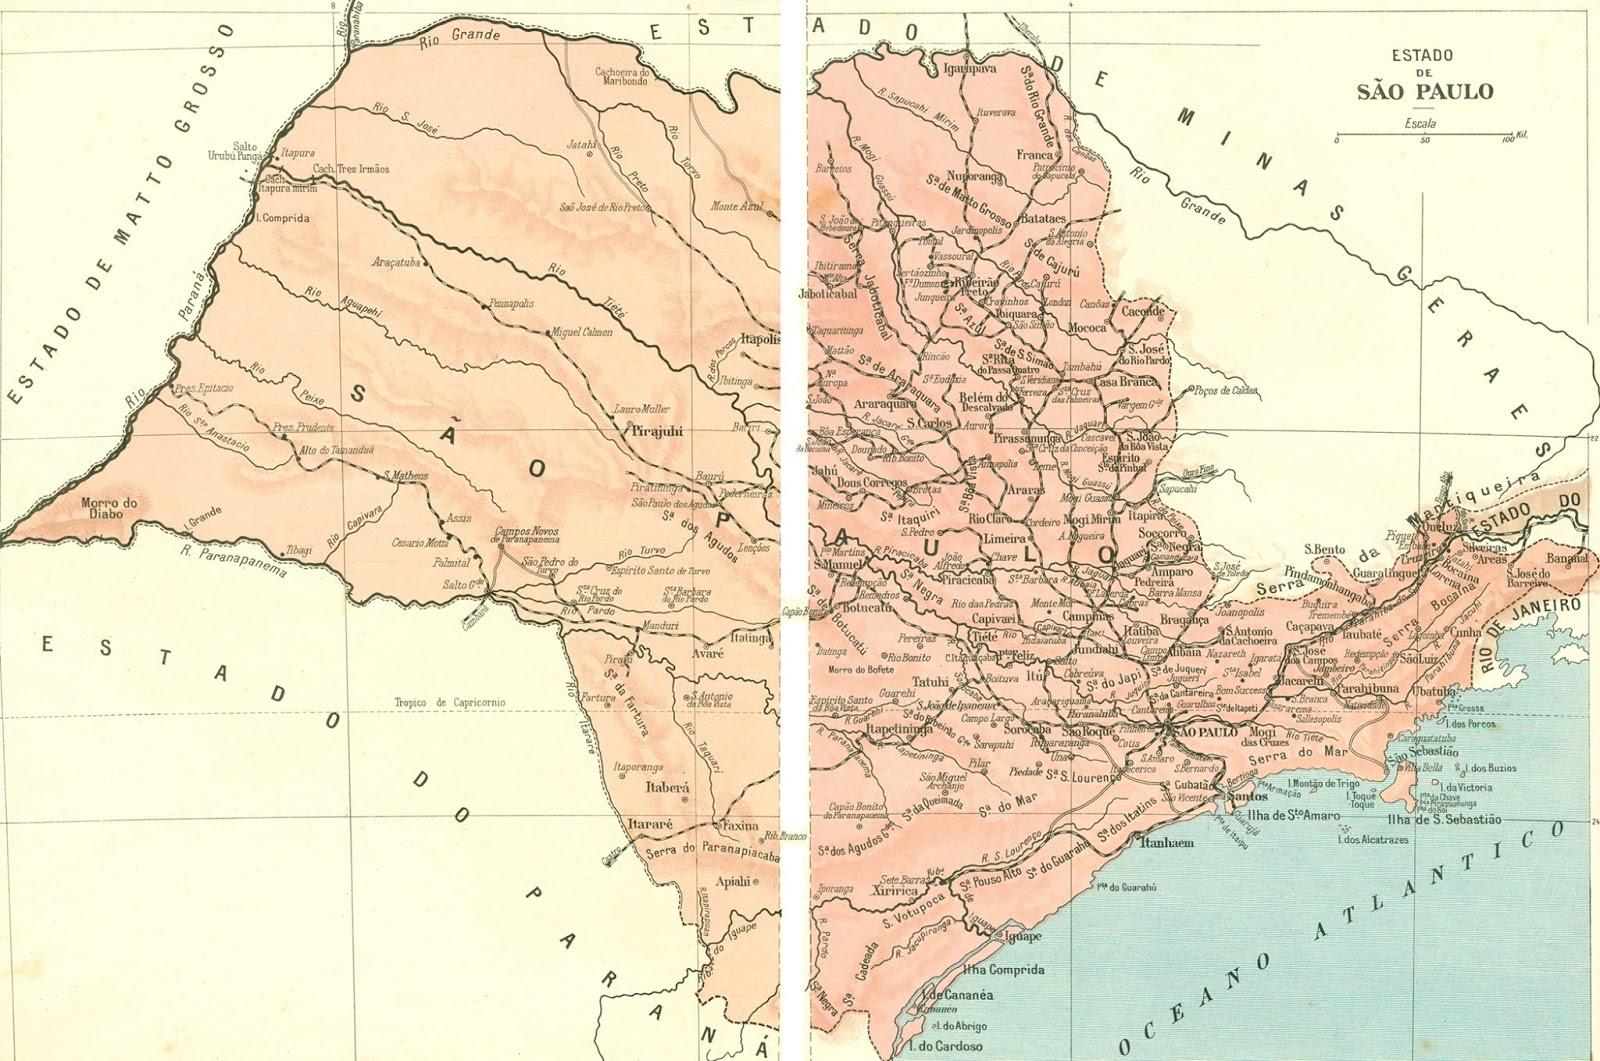 Mapa Antigo do Estado de São Paulo